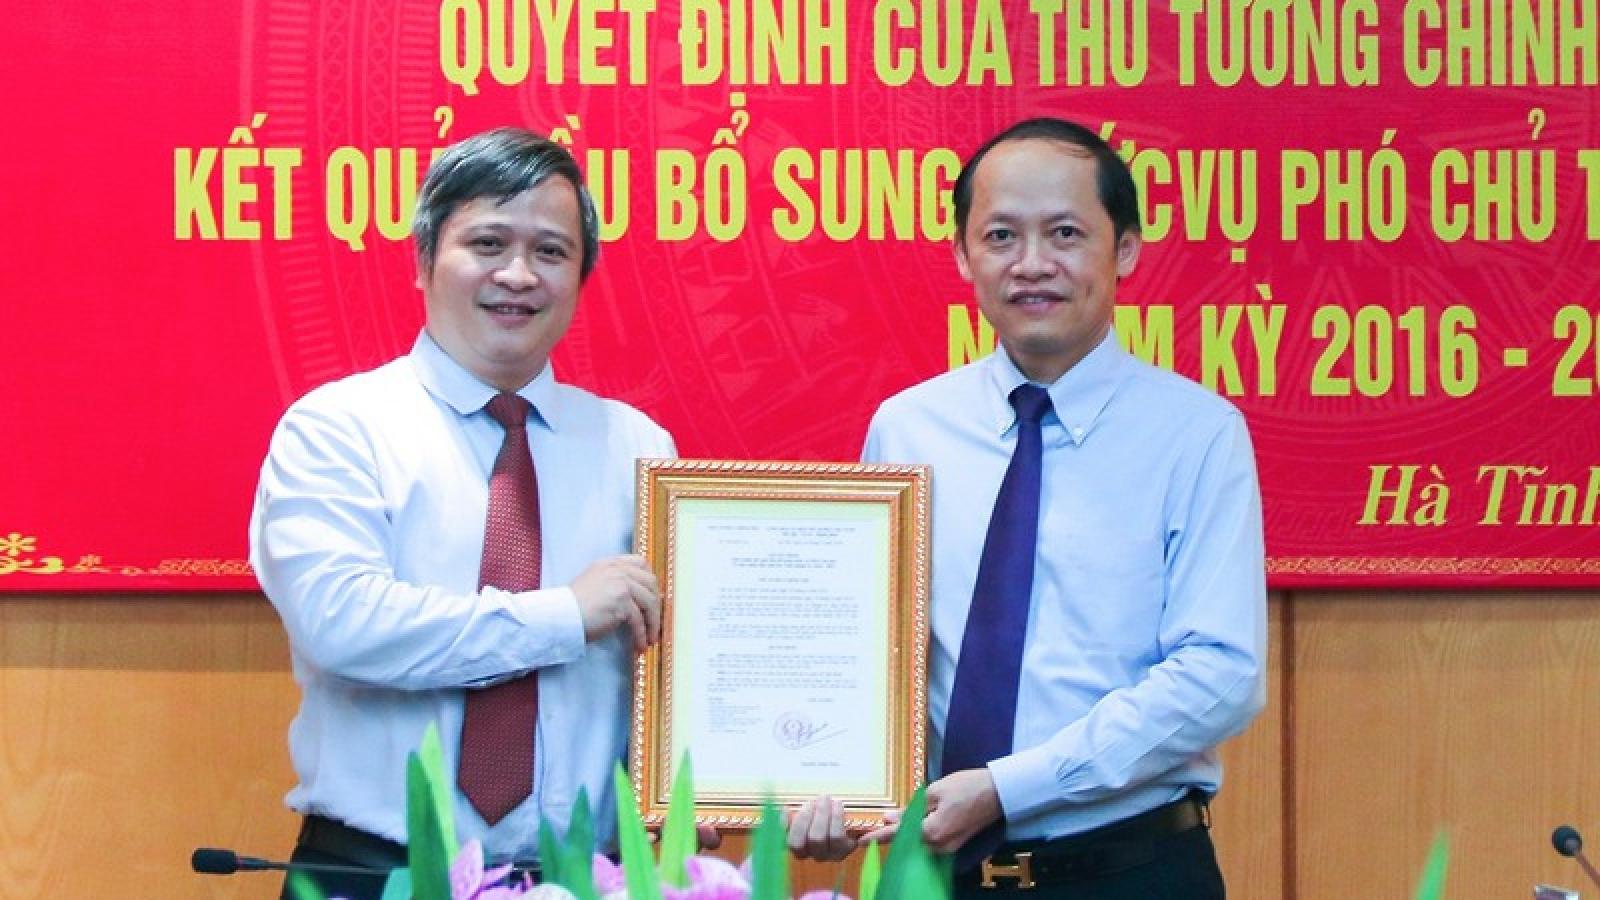 Thủ tướng phê chuẩn kết quả bầu Phó Chủ tịch UBND tỉnh Hà Tĩnh